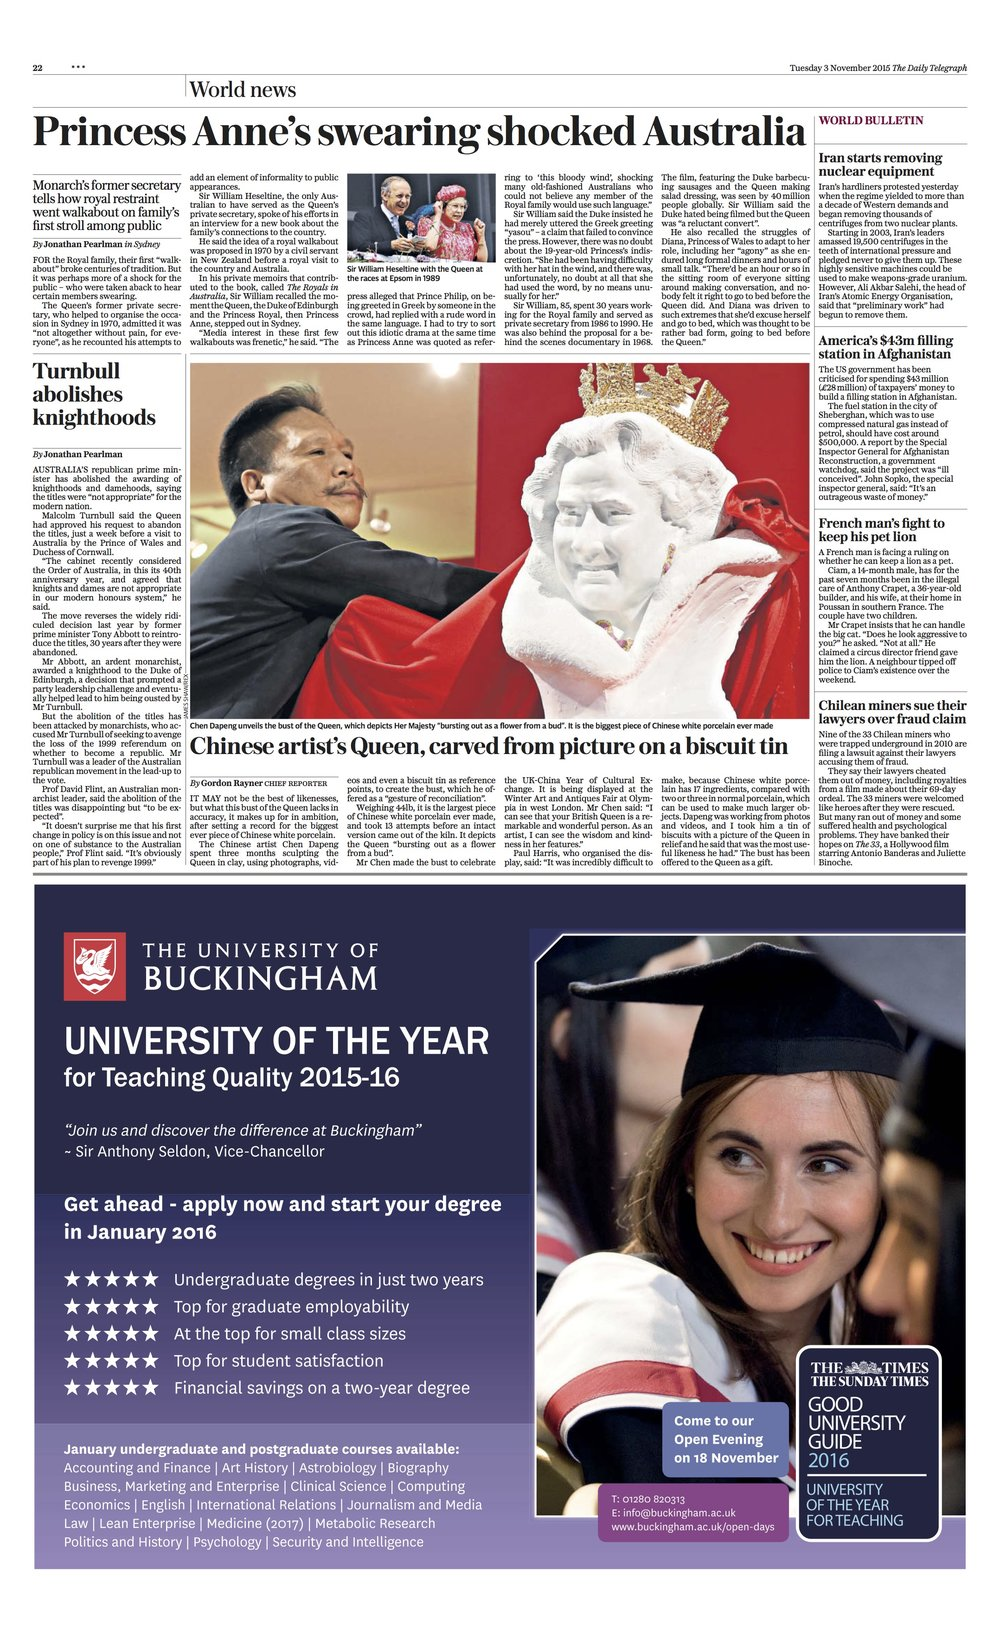 Chen Dapeng Daily Telegraph.jpg